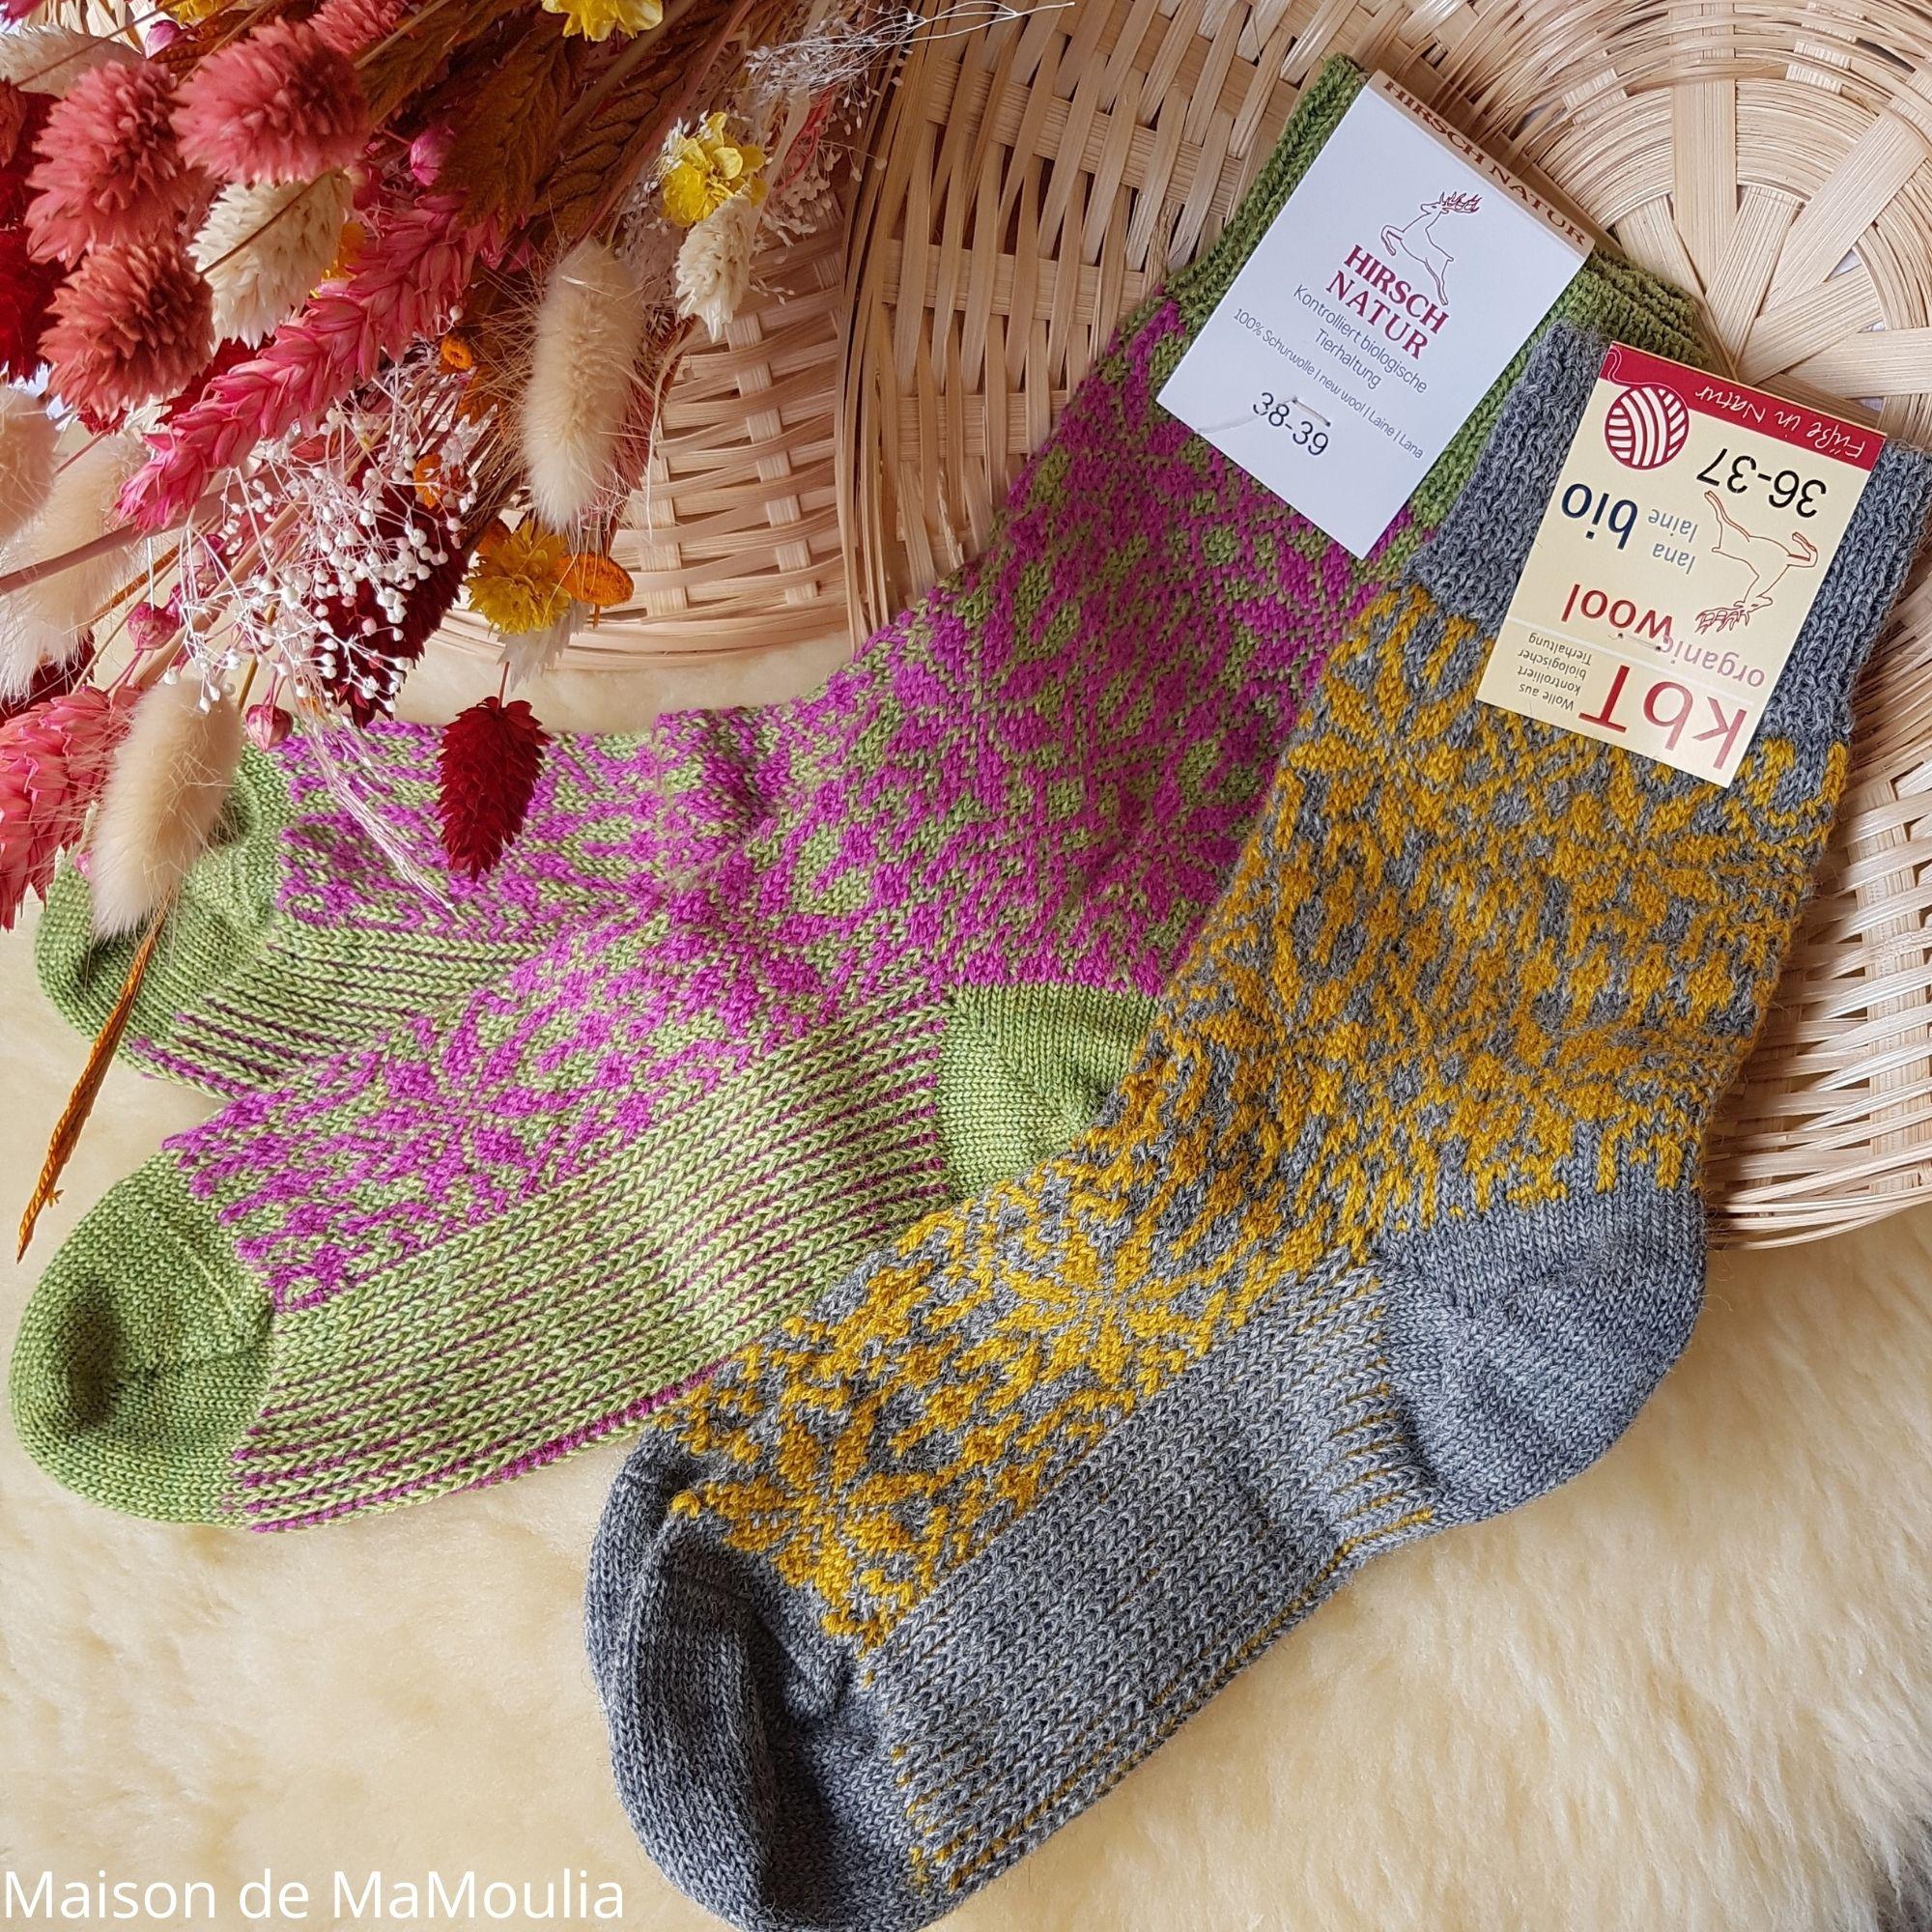 030-chaussettes-pure-laine-bio-ecologique-hirsch-natur-maison-de-mamoulia-norvegienne-adulte-epaisse